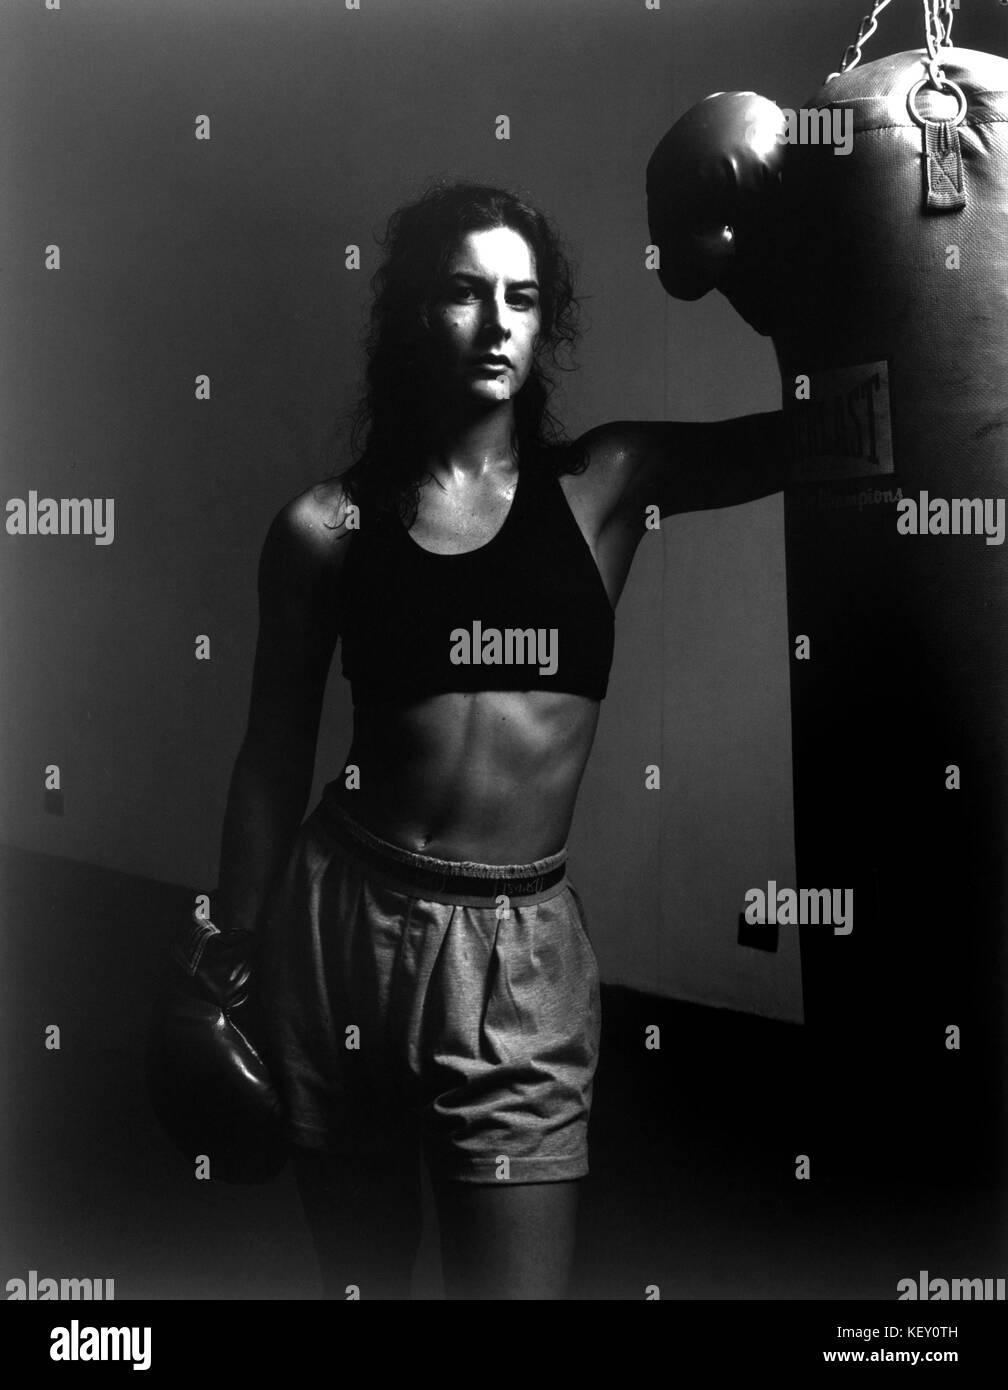 Femme/Fille dans boxing gym après entraînement Photo Stock